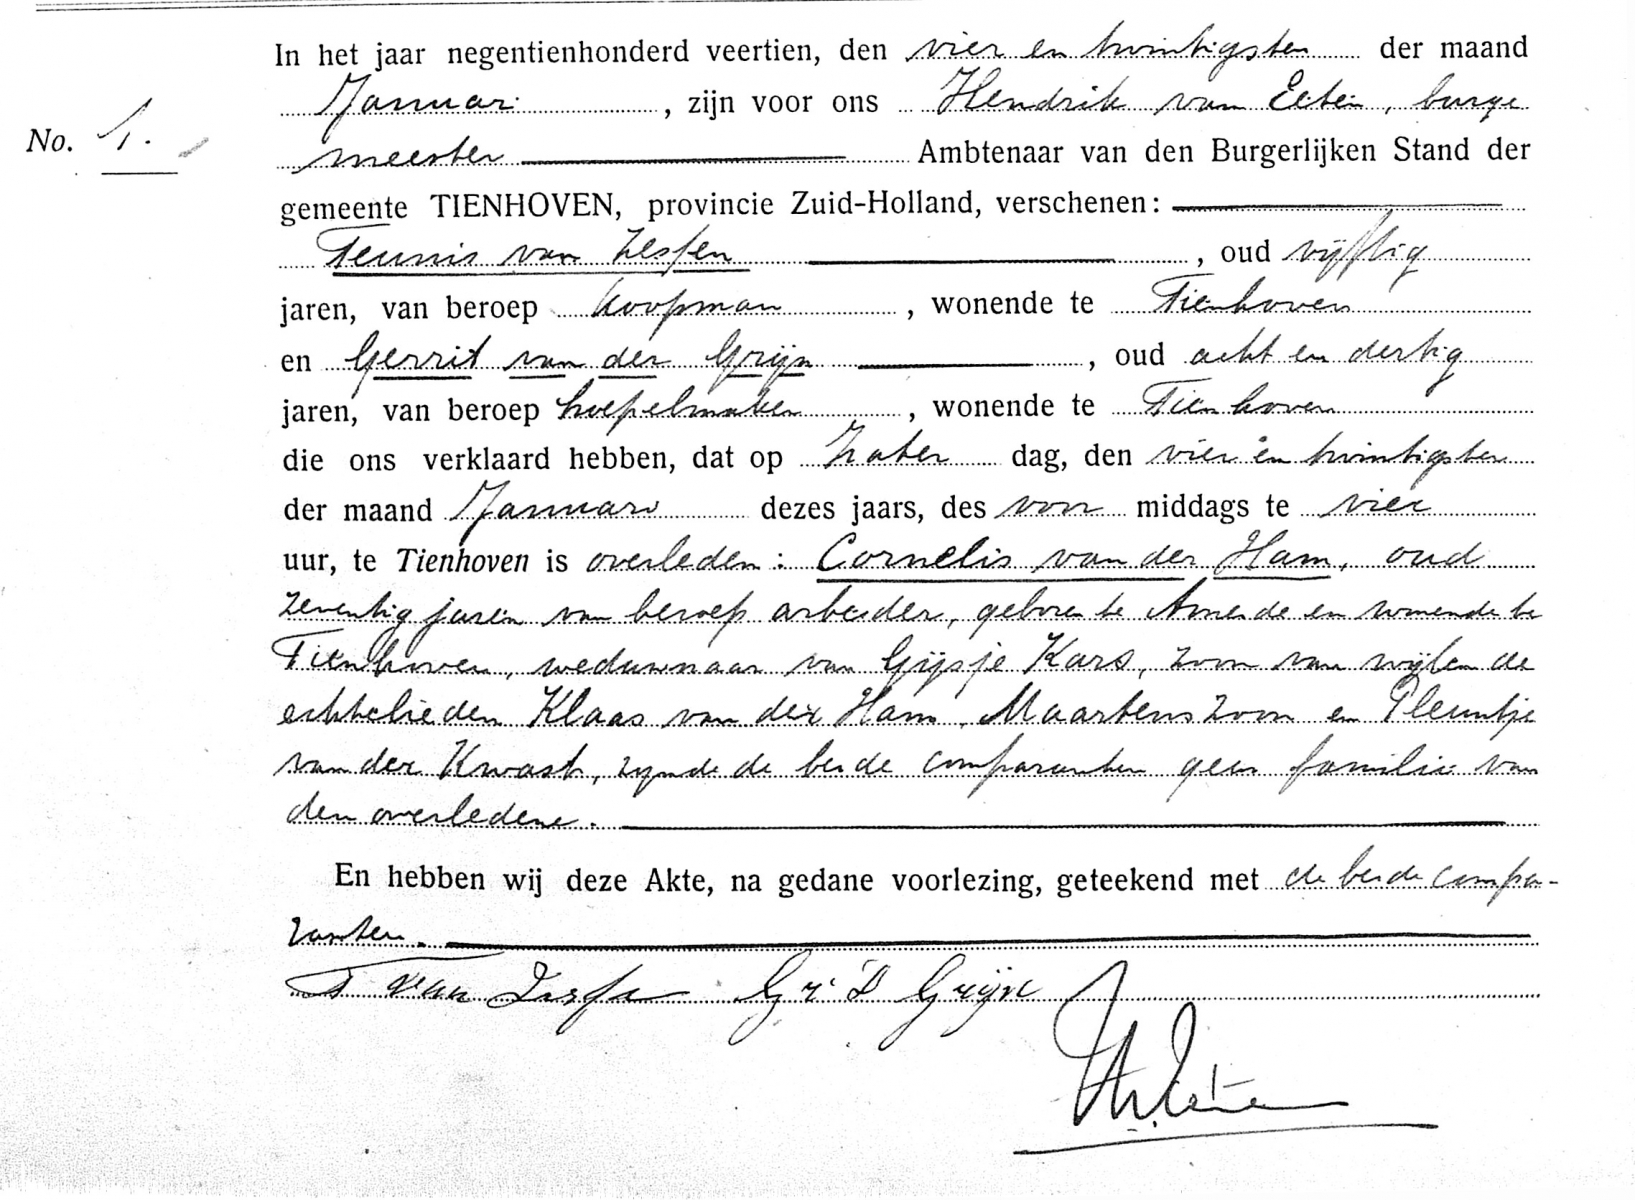 Ham-Cornelis-van-der-Overlijden-24-01-1914-Tienhoven